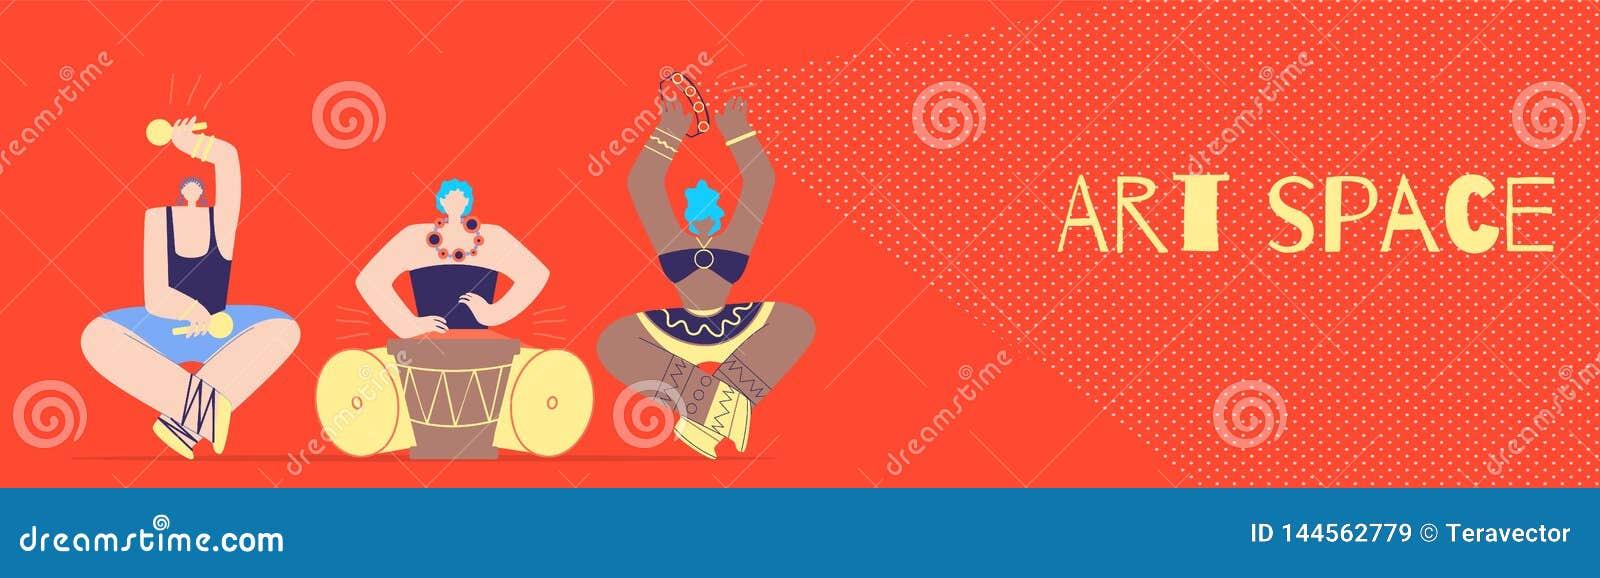 Art Space mit Stammes- Musiker Flat Style Banner